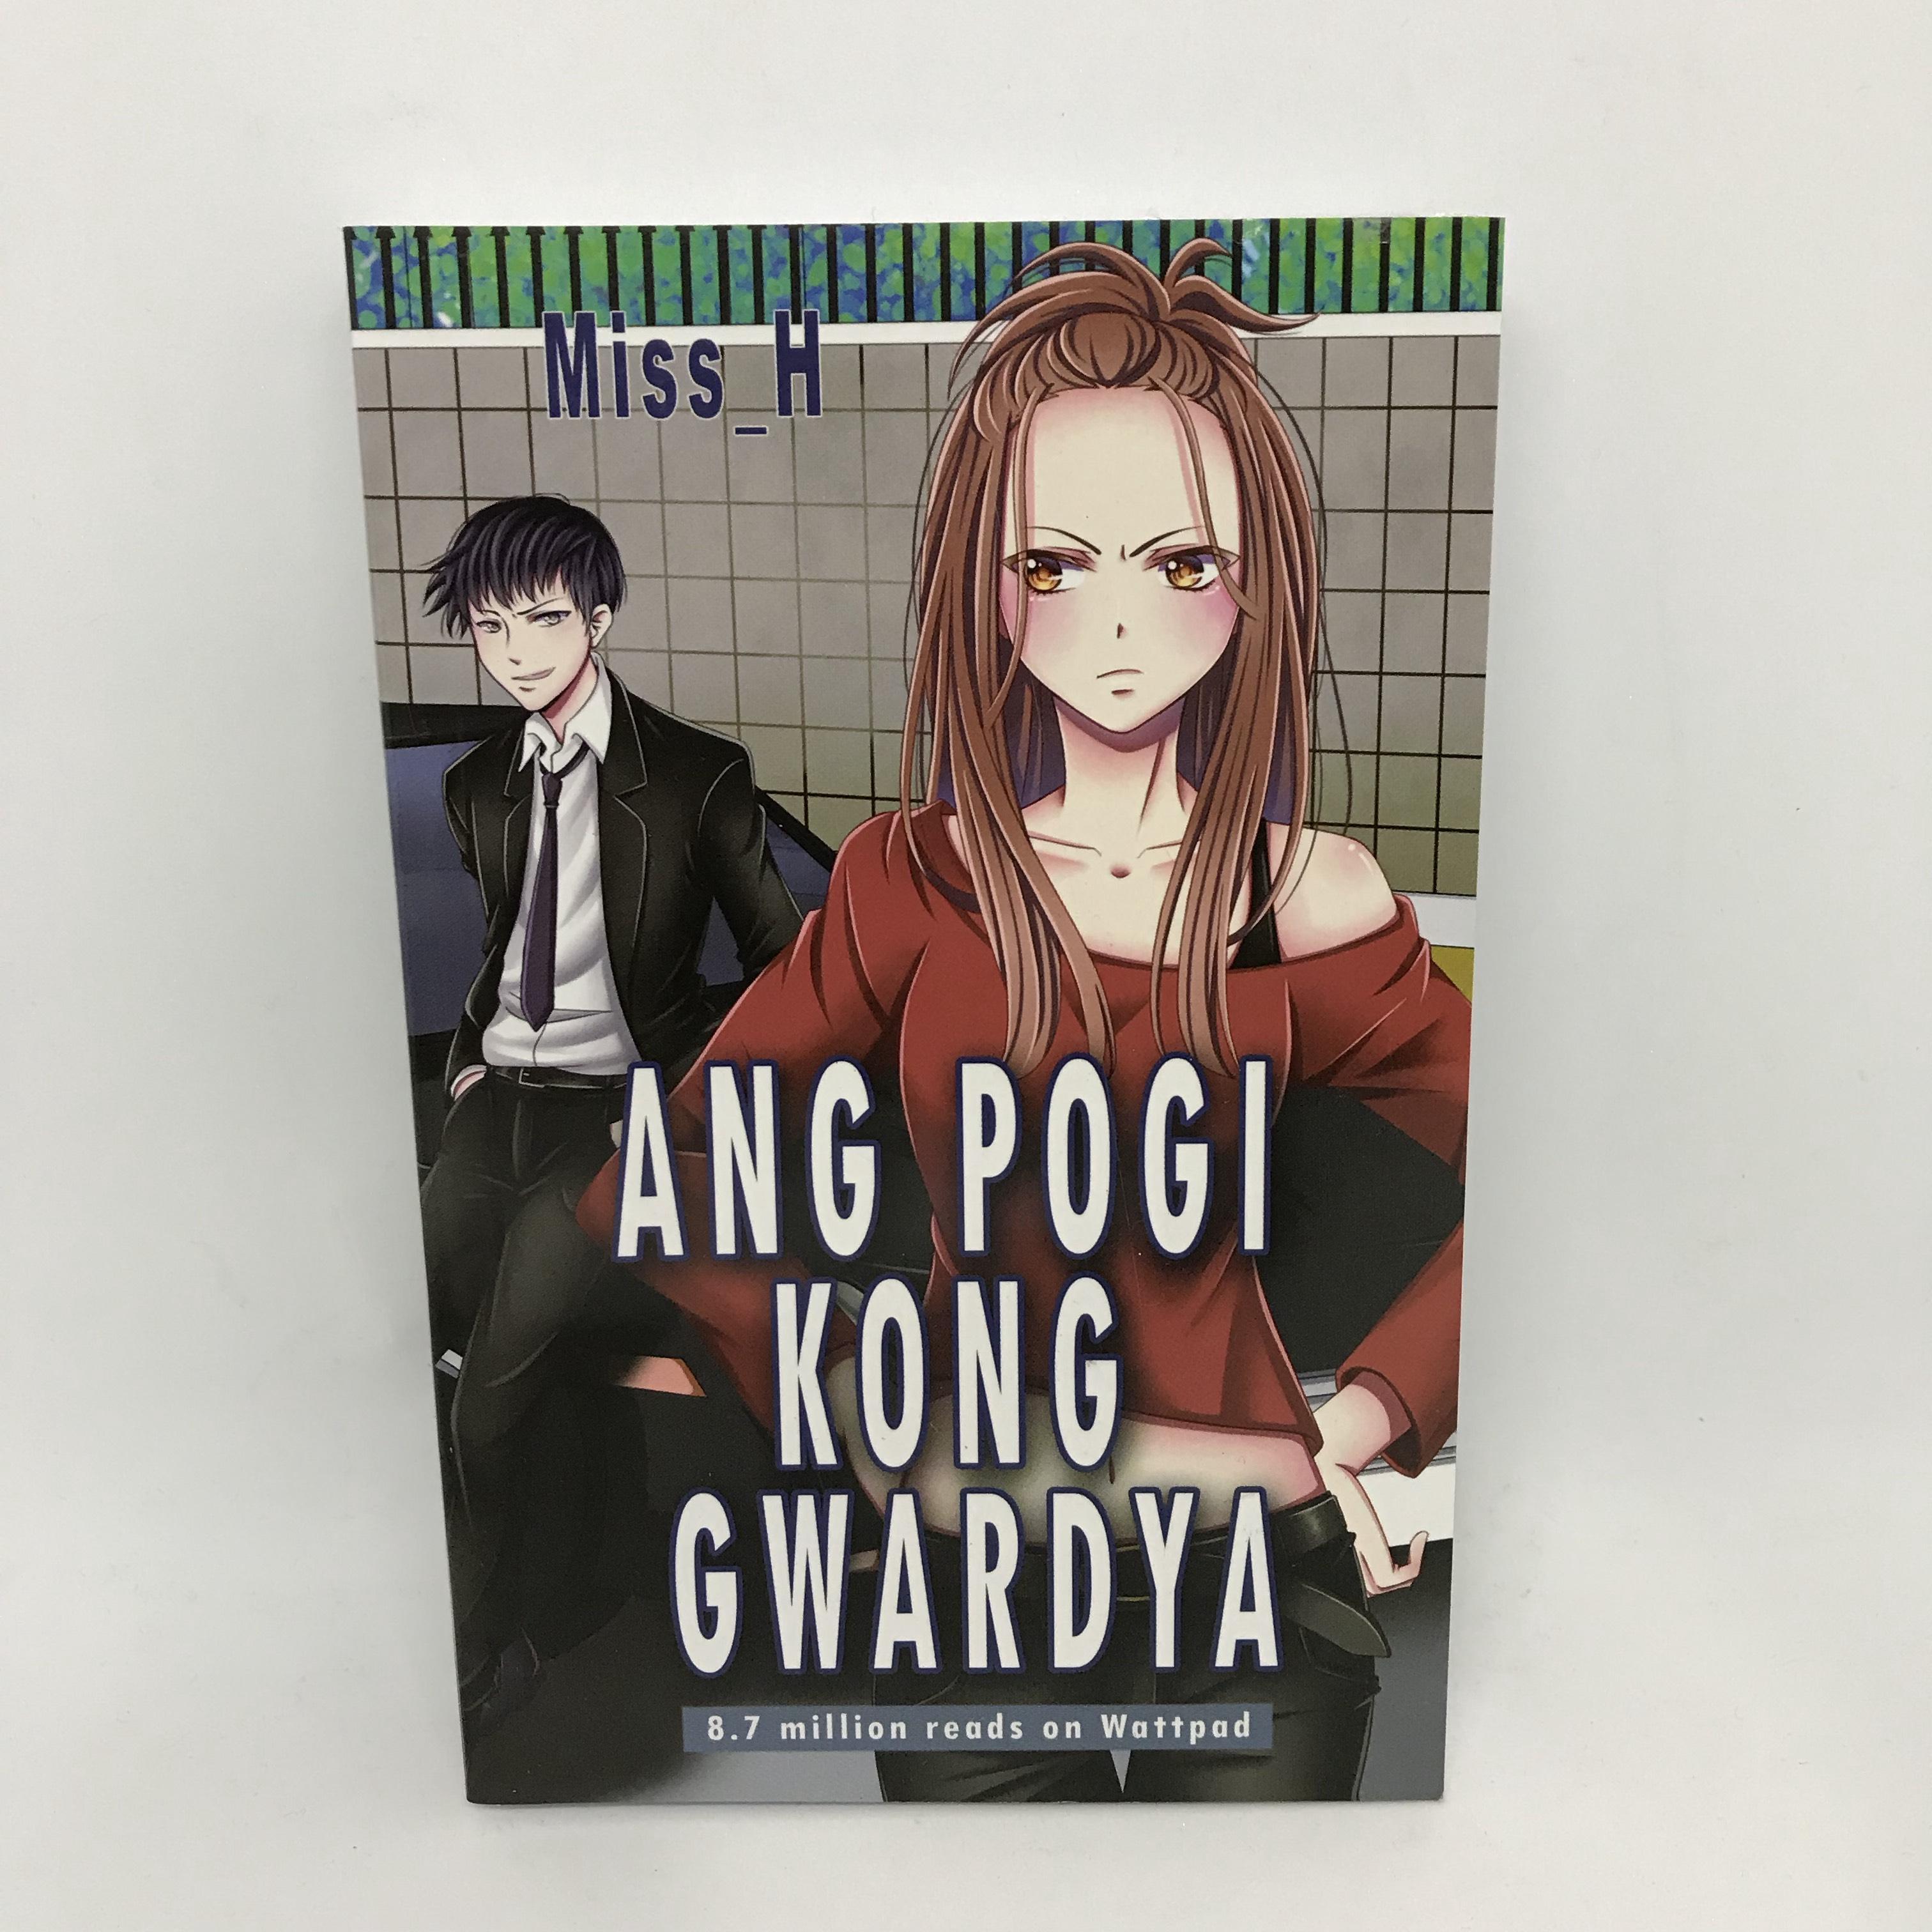 Ang Pogi Kong Gwardya - Wattpad Hit! (400+ Pages)